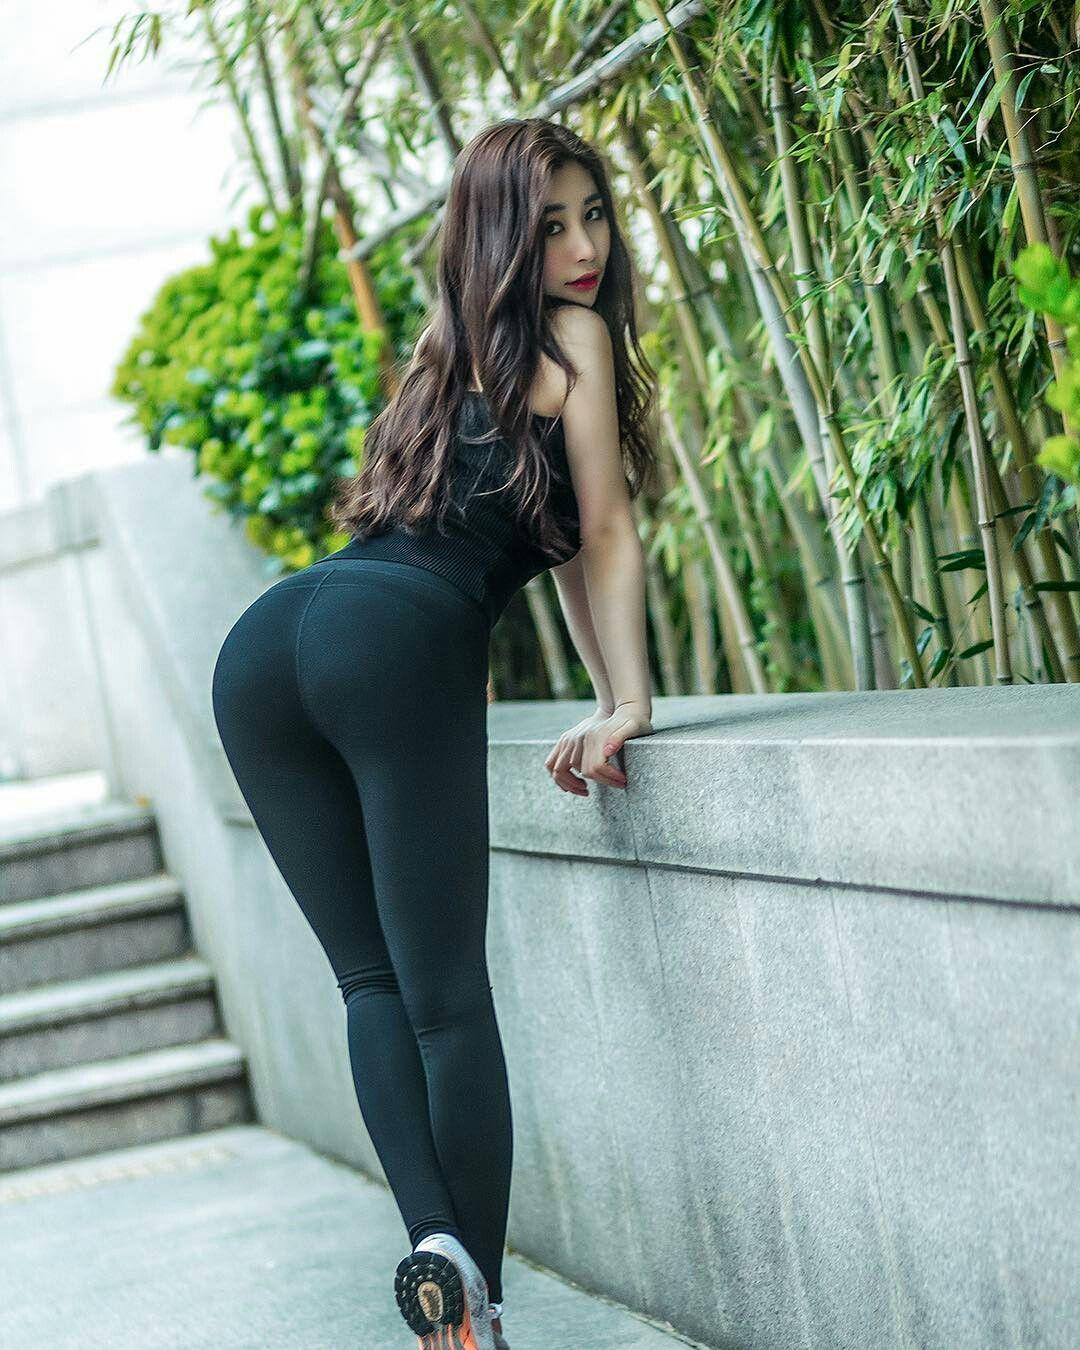 Flexible asian ass xxx sex images